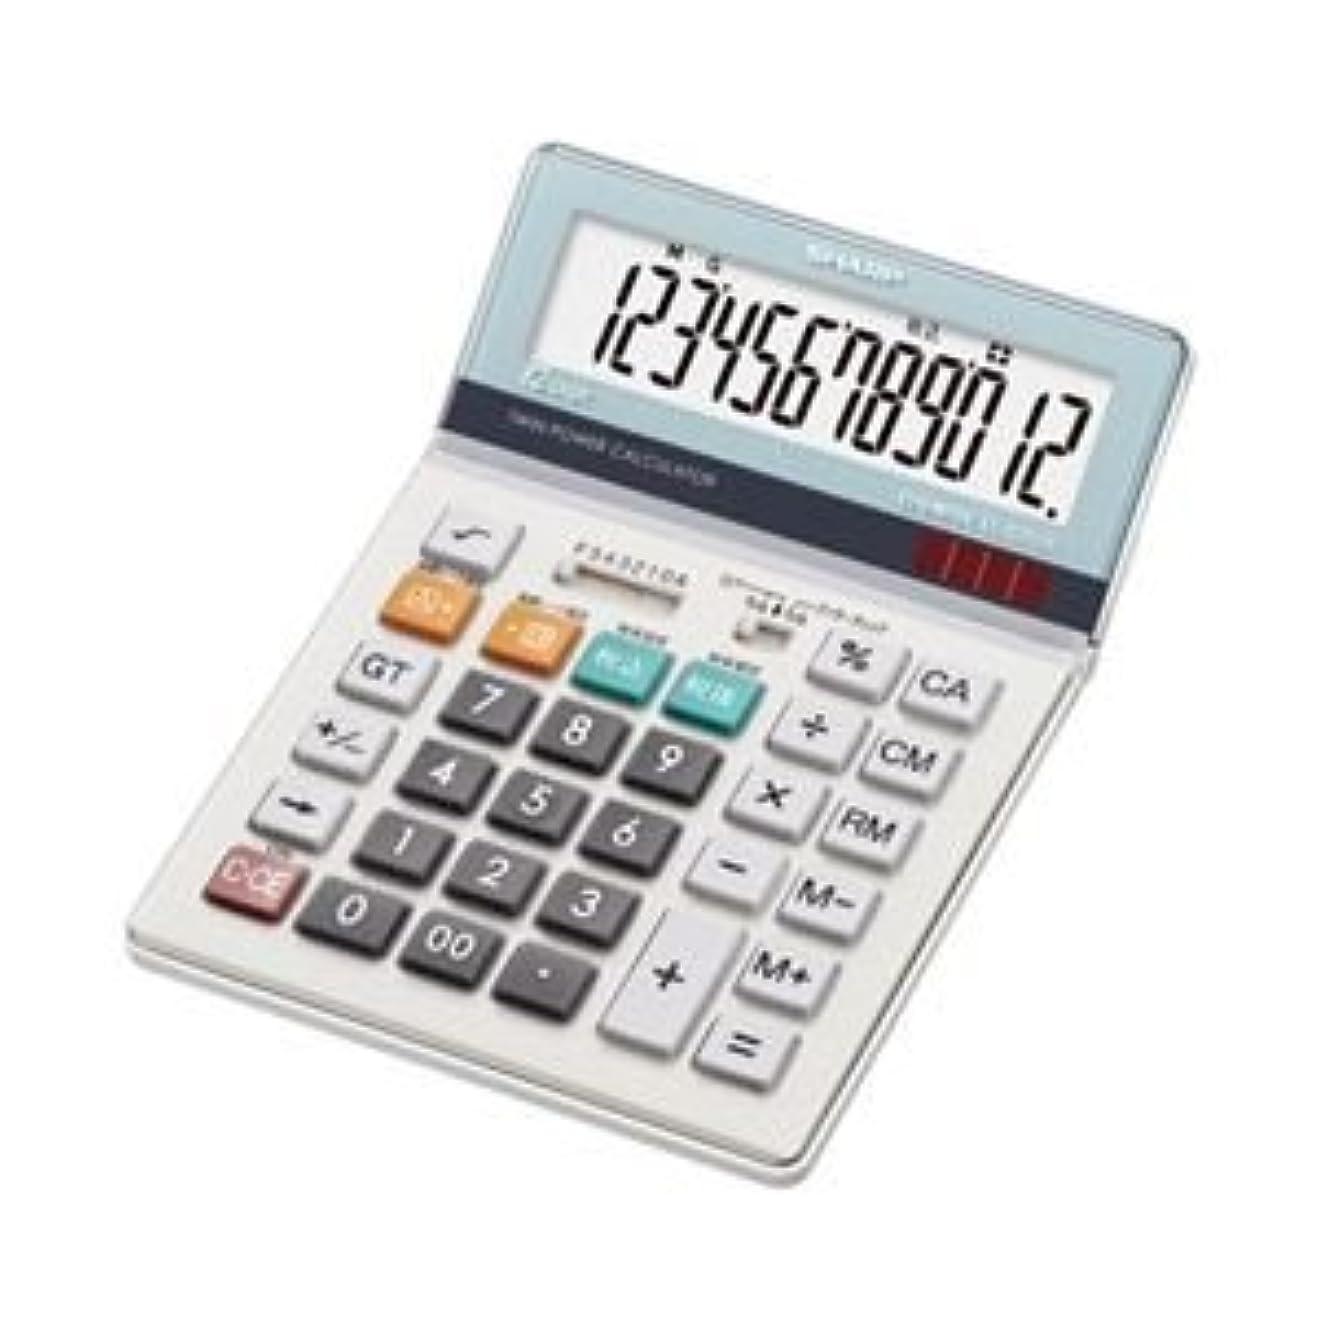 ローラー日食限りなくシャープ 電卓(セミデスクタイプ) EL-S752K 〈簡易梱包